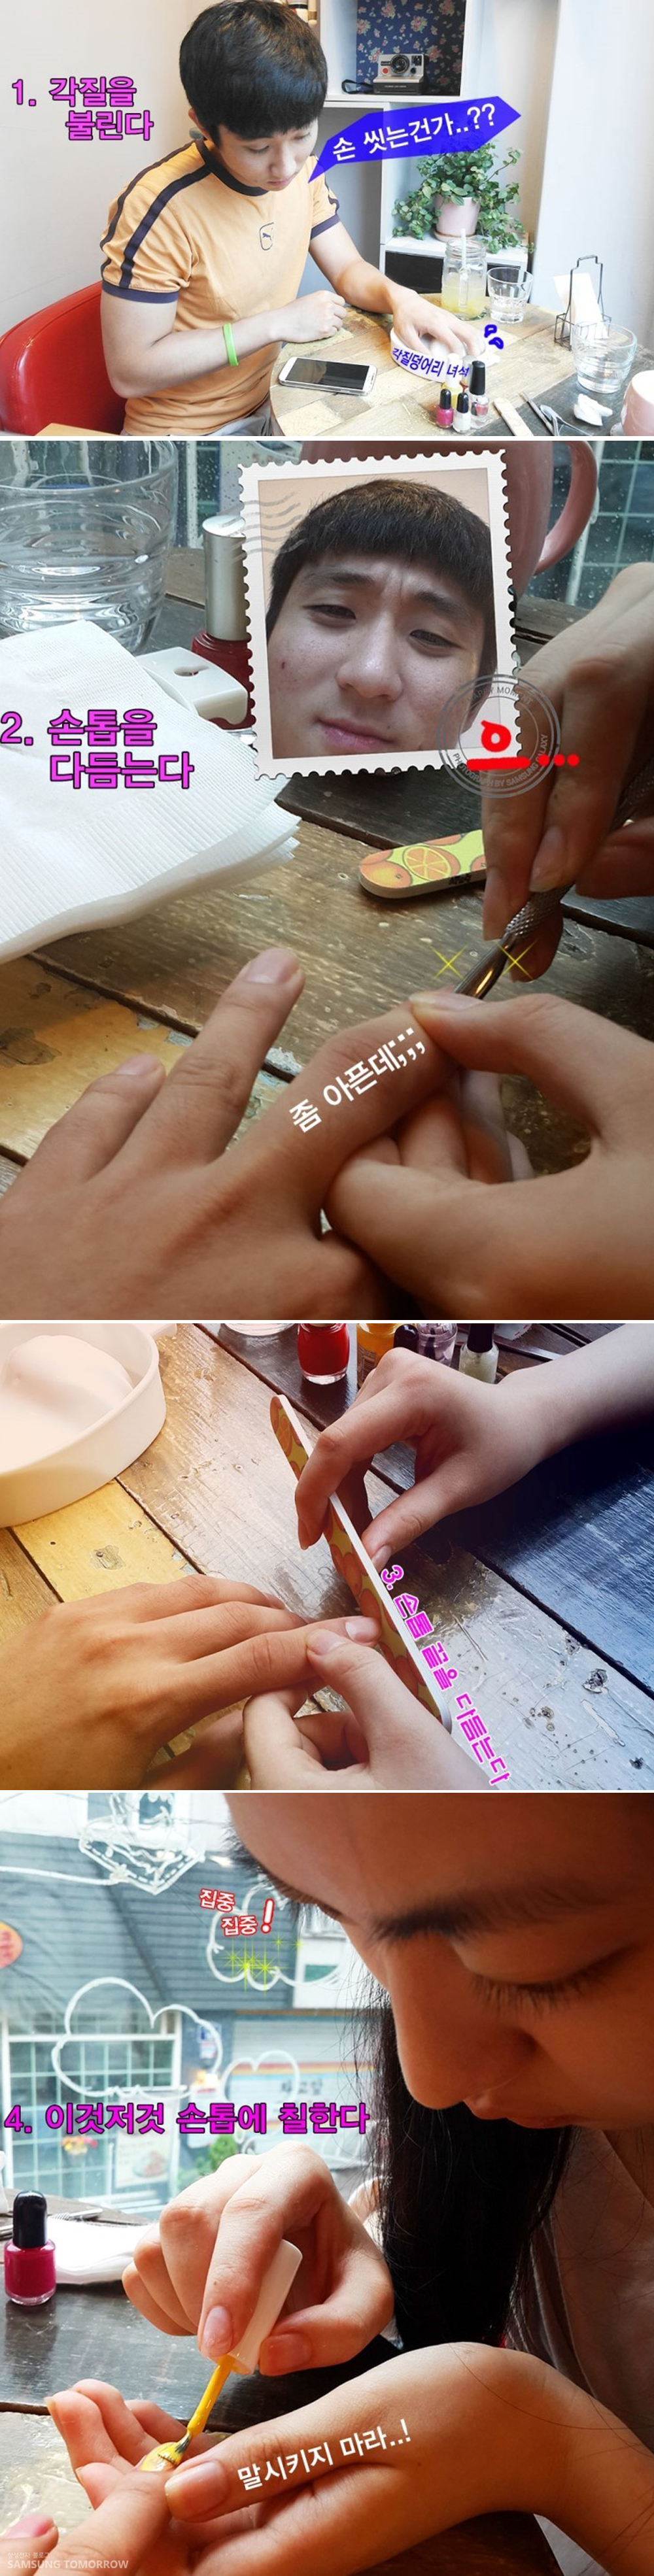 네일 아트를 하는 과정입니다. 삼성스토리텔러 김지용이 네일아트 준비를 하고 있습니다. 1. 각질을 불린다. '손 씻는건가??' 2. 니퍼로 손톱을 다듬는다. 으... 이건 좀 아픈데;; 3. 손톱 끝을 다듬는다. 김지용 삼성 스토리텔러가 손톱 끝을 다듬고 있습니다. 4. 이것저것 손톱에 칠한다. 집중집중! 삼성스토리텔러 강수진이 집중해서 매니큐어를 바르고 있습니다. '말시키지마라!!'